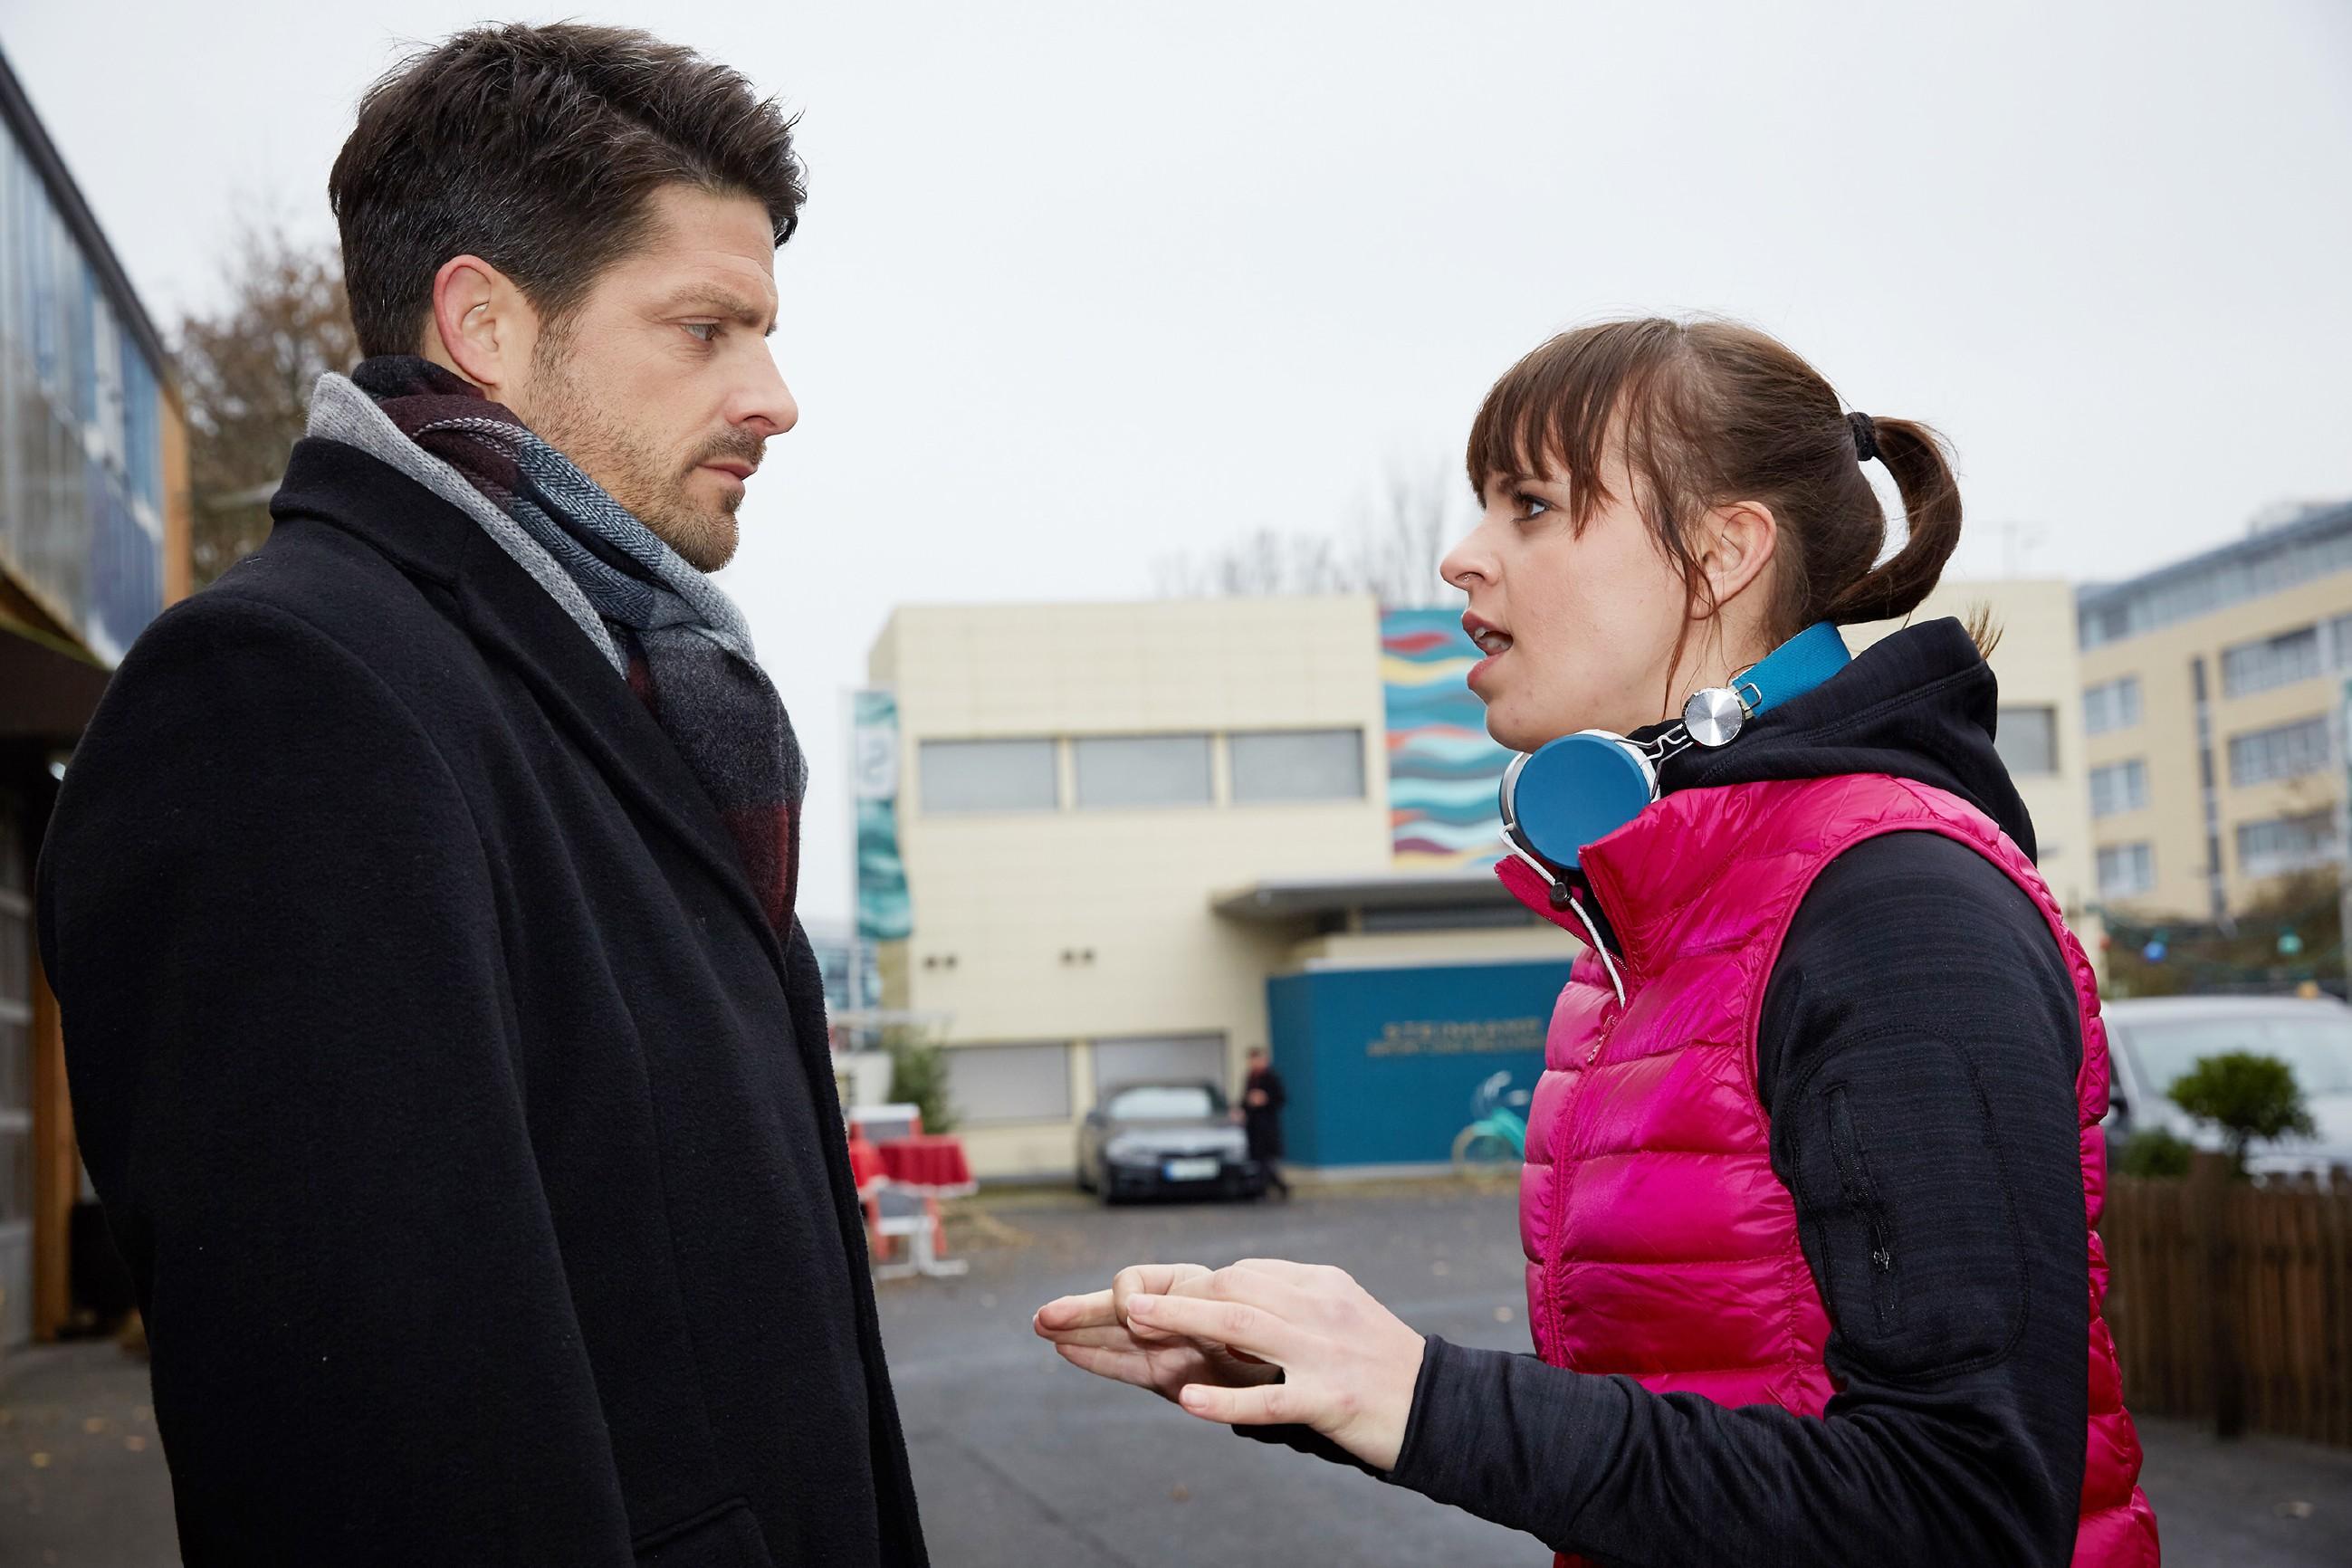 Als Vincent (Daniel Buder) einen weiteren Versöhnungsversuch bei Michelle (Franziska Benz) startet, stößt sie ihn hart vor den Kopf.